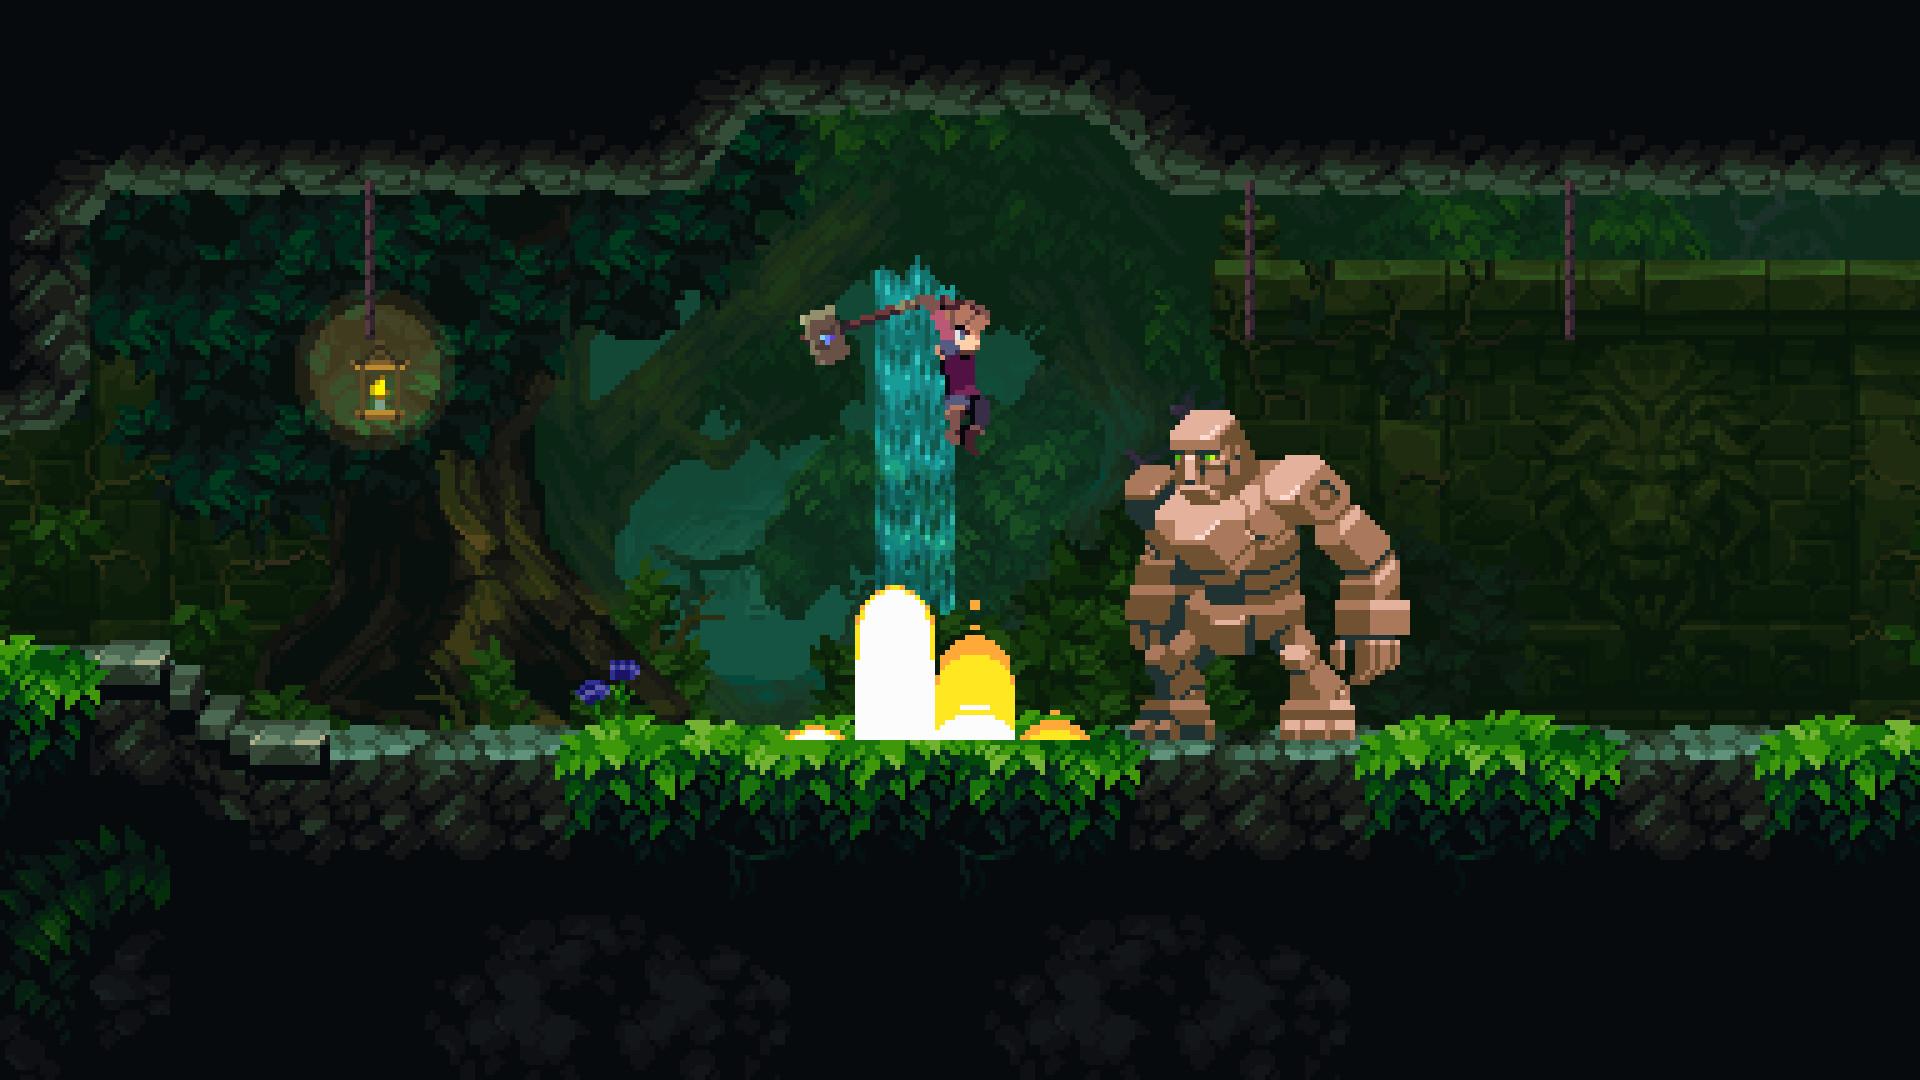 深渊矿坑 Chasm 1.077b Mac 破解版 横版动作冒险游戏